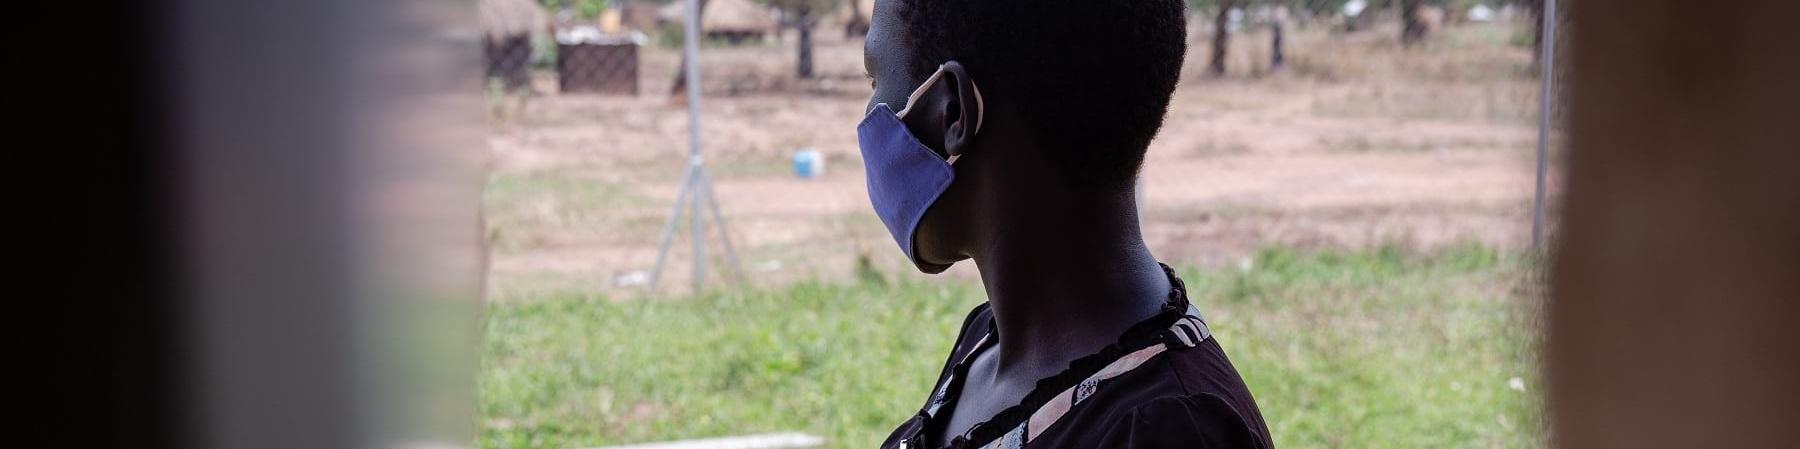 una ragazza ugandese vista attraverso una finestra è girata dall altro lato e guarda un prato verde. La ragazza è incinta e indossa una maglietta nera con motivi floreali.